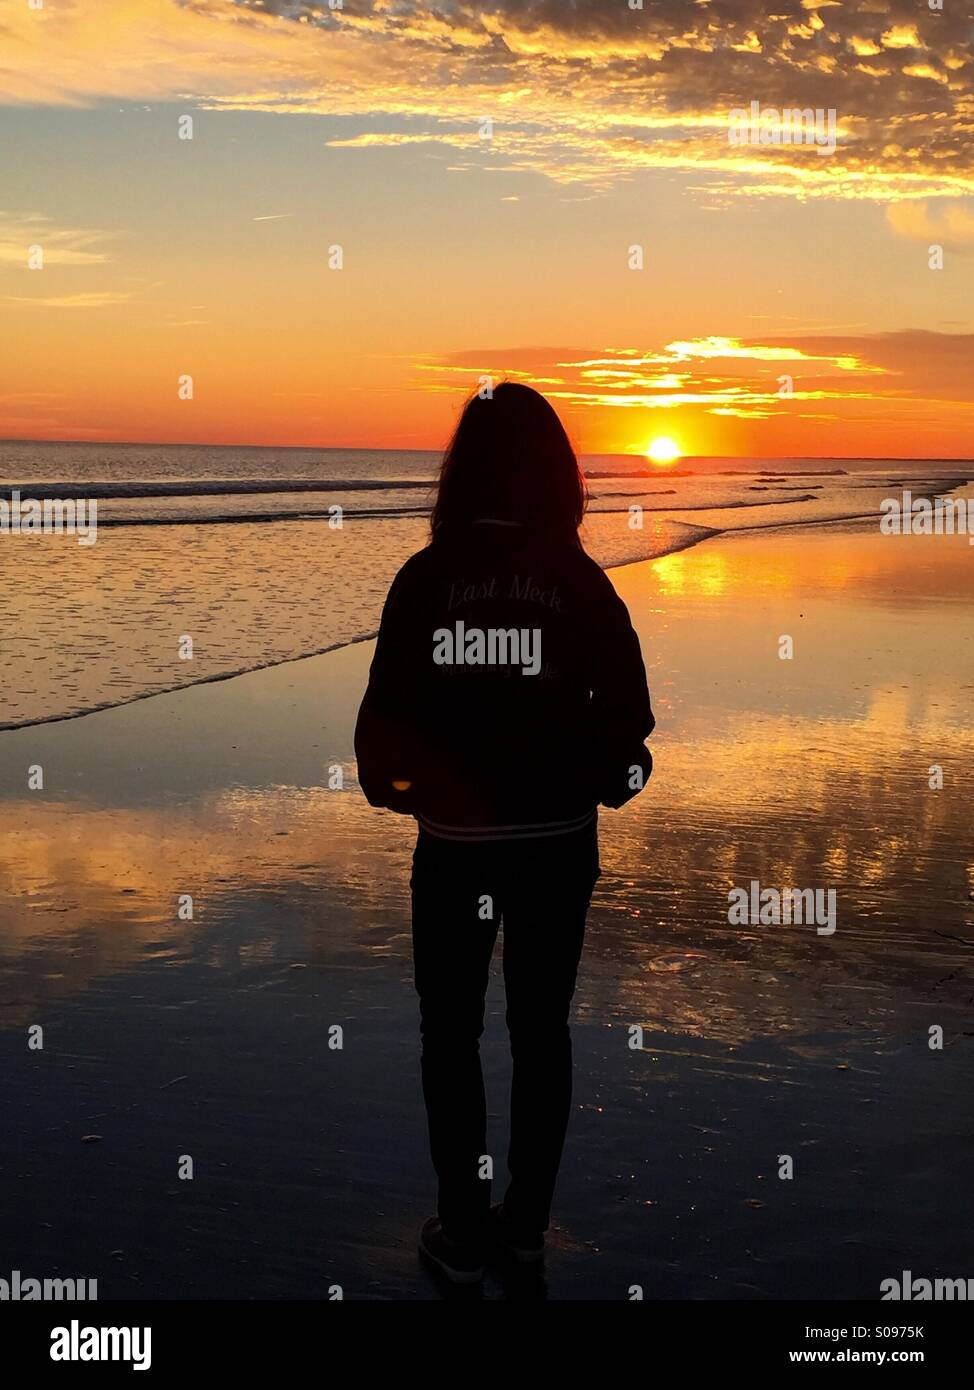 Und Frau ist Silhouette gegen den intensiven, schönen Sonnenuntergang am Strand auf Kiawah Island, South Carolina. Stockbild